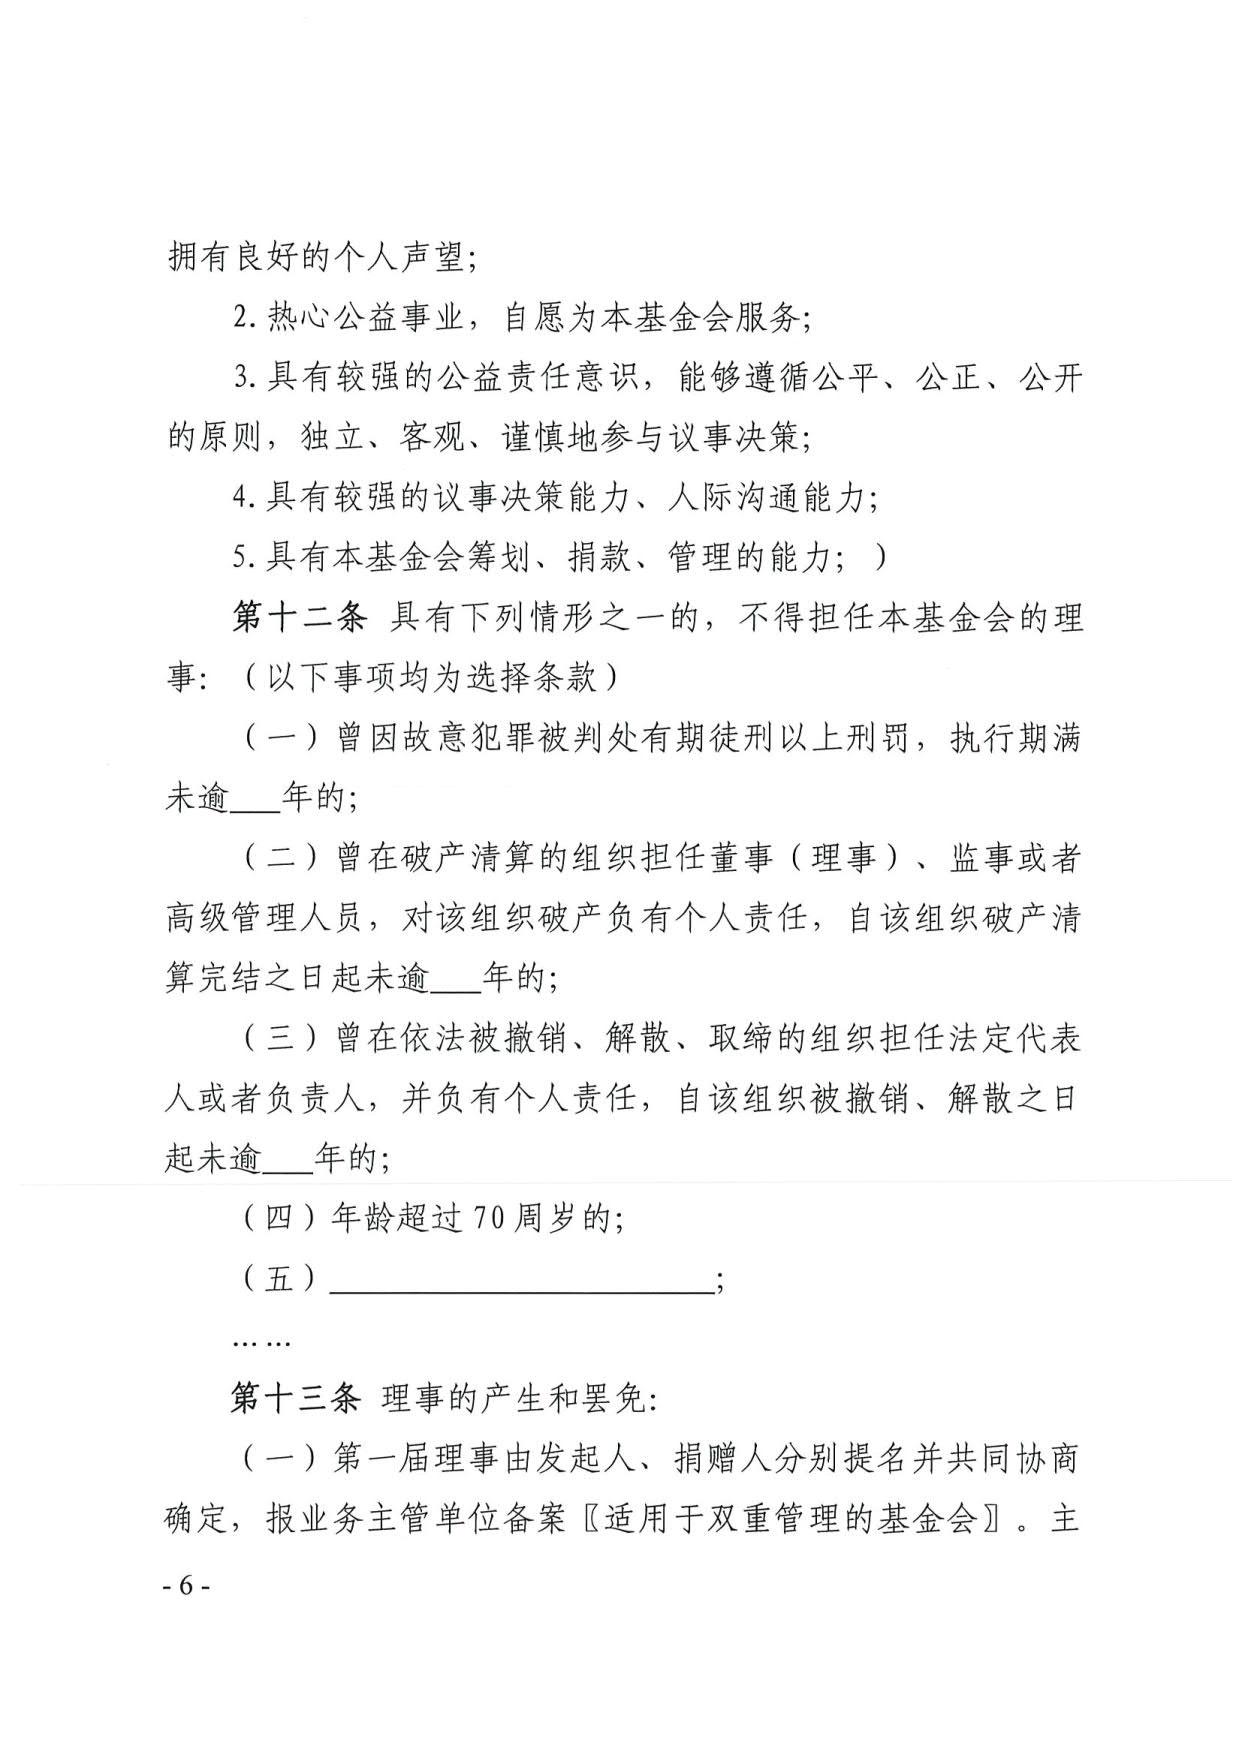 广东省民政厅关于印发《广东省基金会章程示范文本》的通知(4)_06.jpg